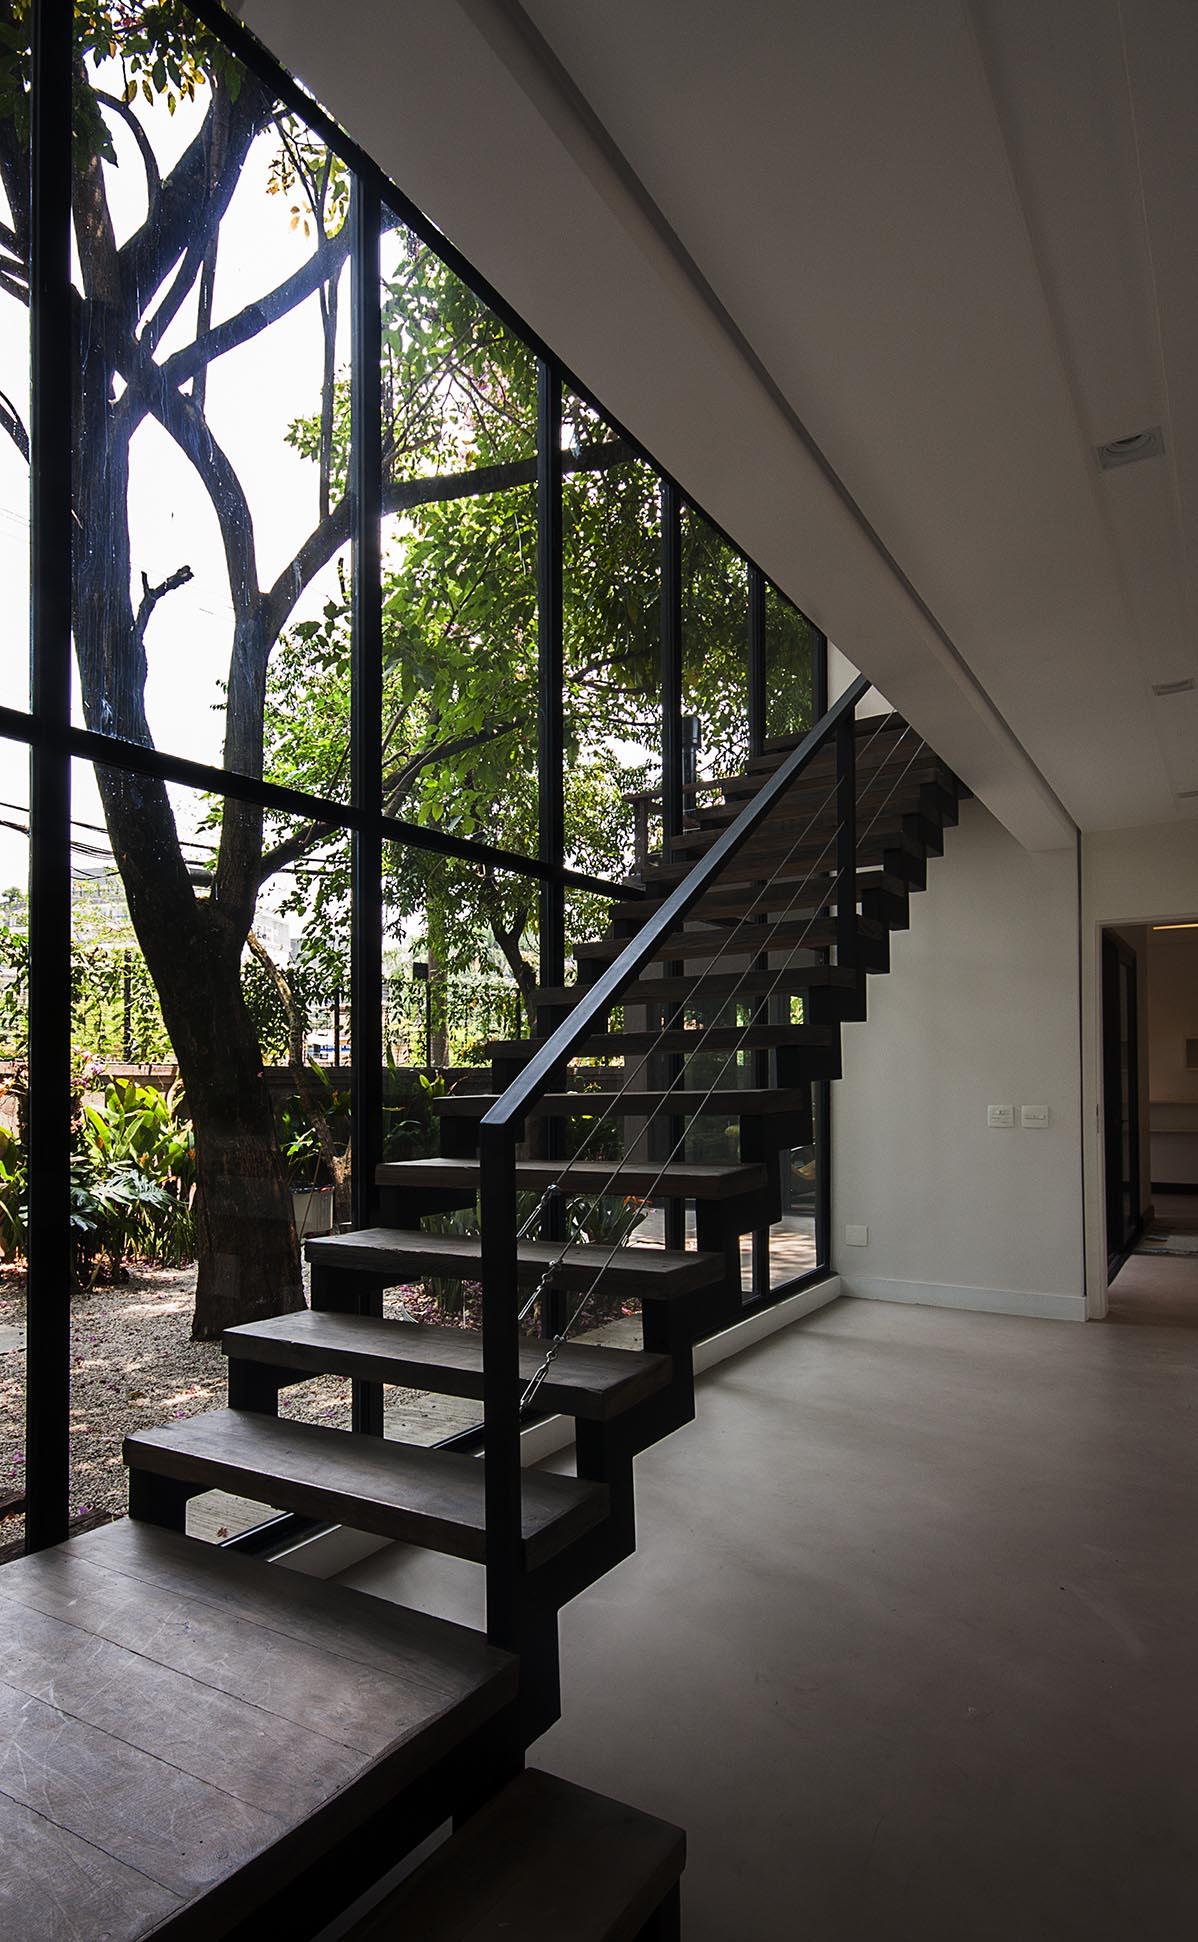 escada_casa_vidro_alice_martins_flávio_butti.jpg